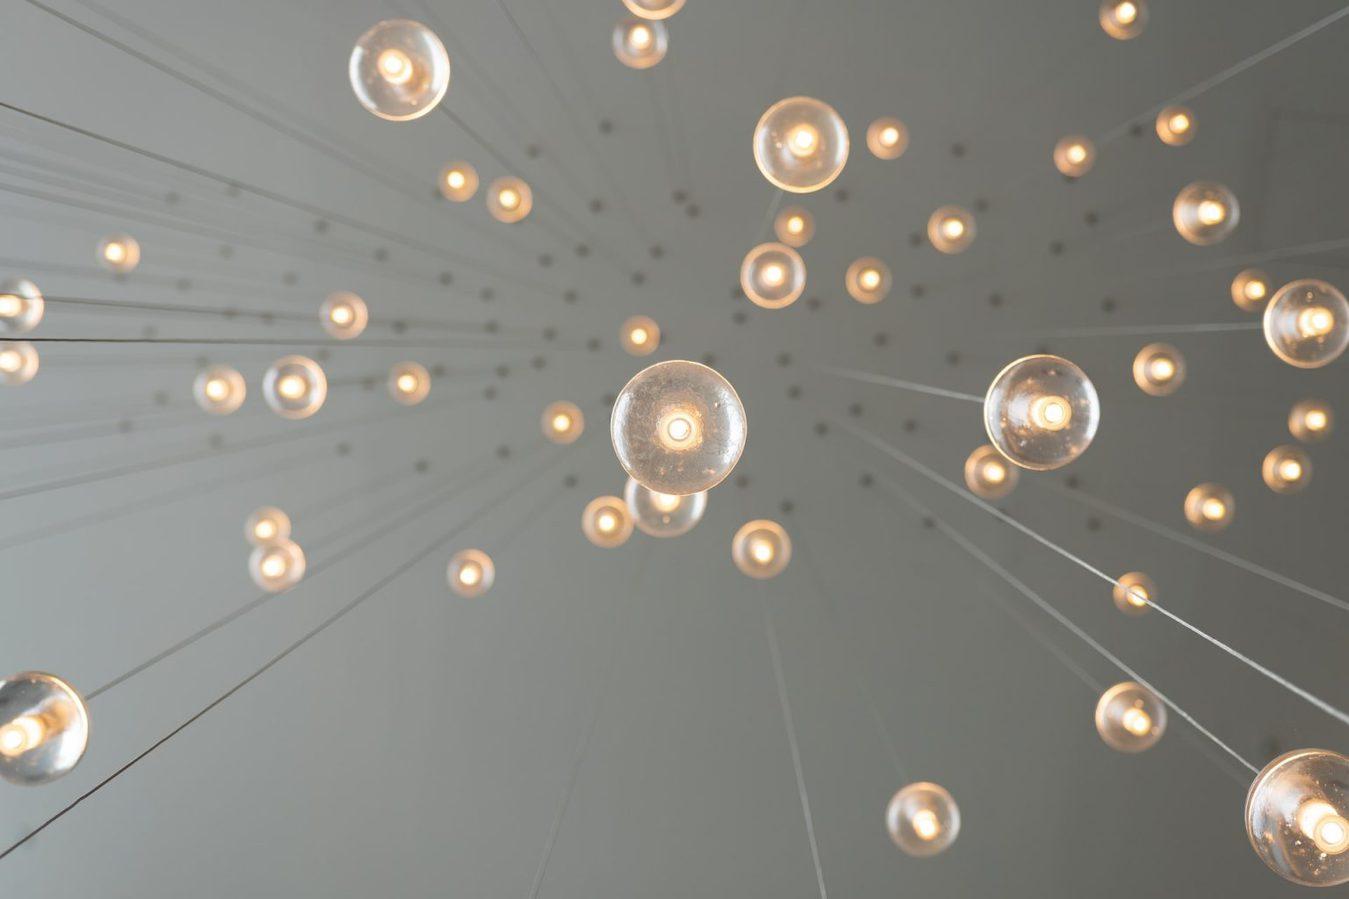 Lâmpadas criativas penduradas em cima